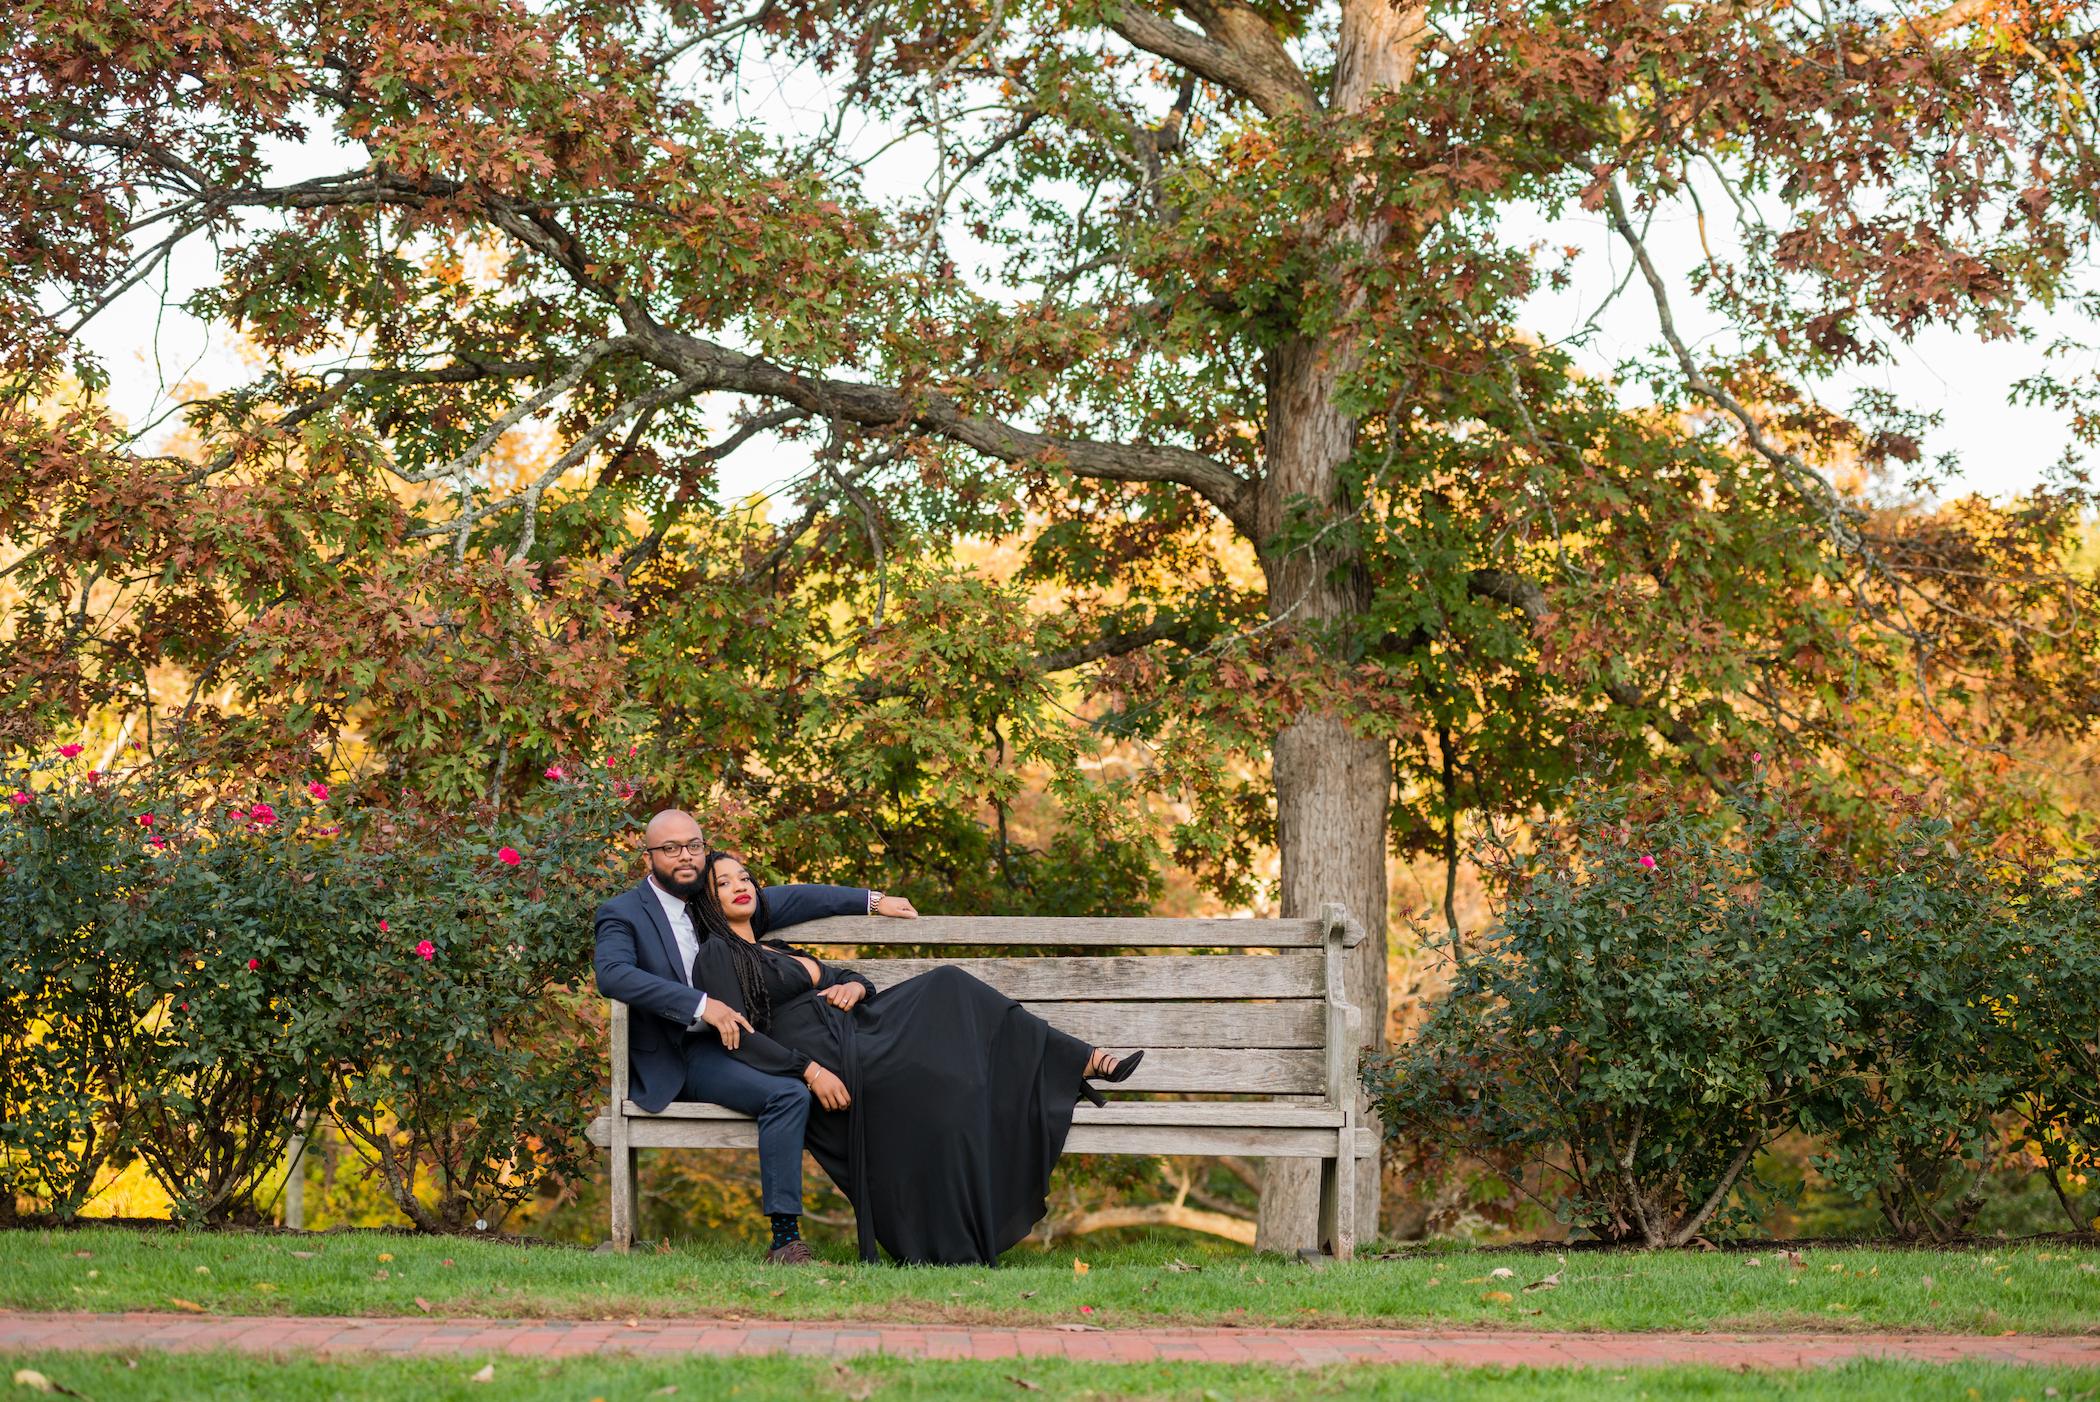 Omar-Sarah-Engagement-60.jpg